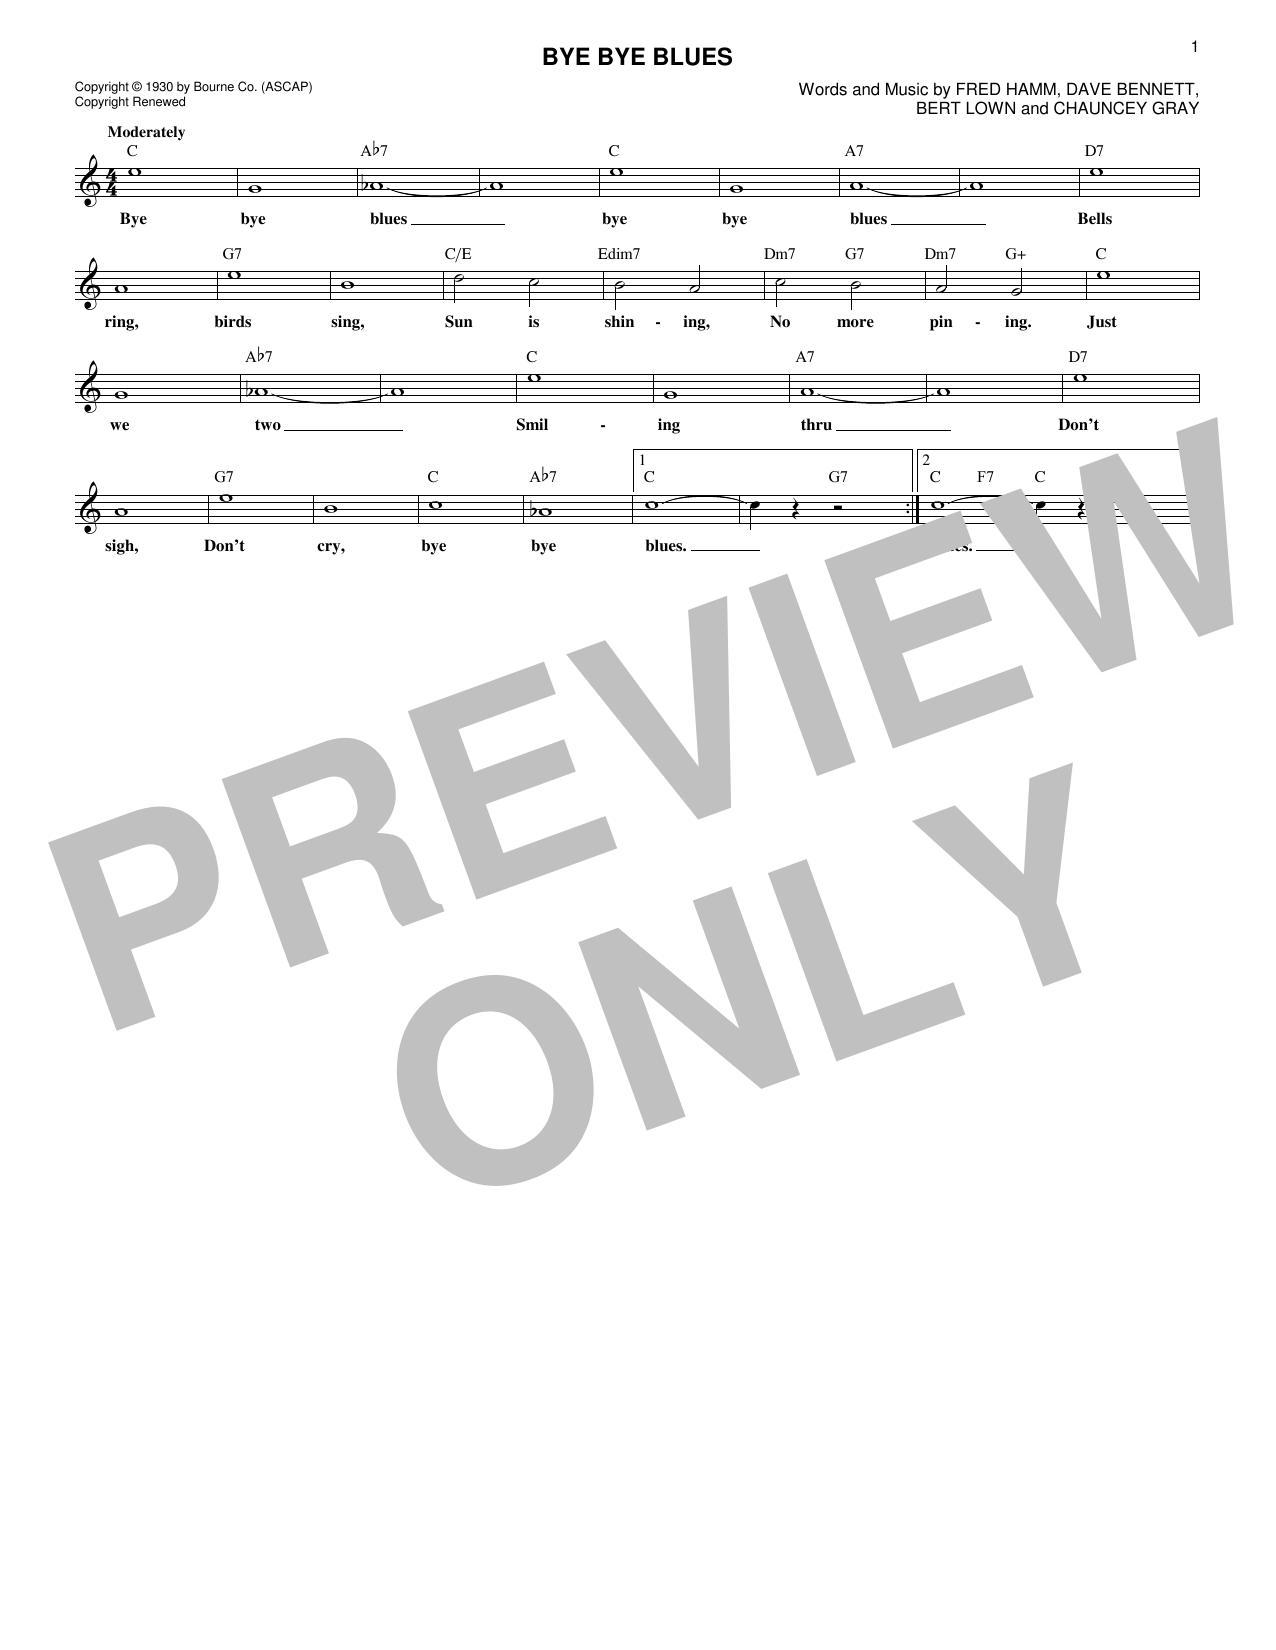 Sheet Music Digital Files To Print - Licensed Bert Kaempfert Digital